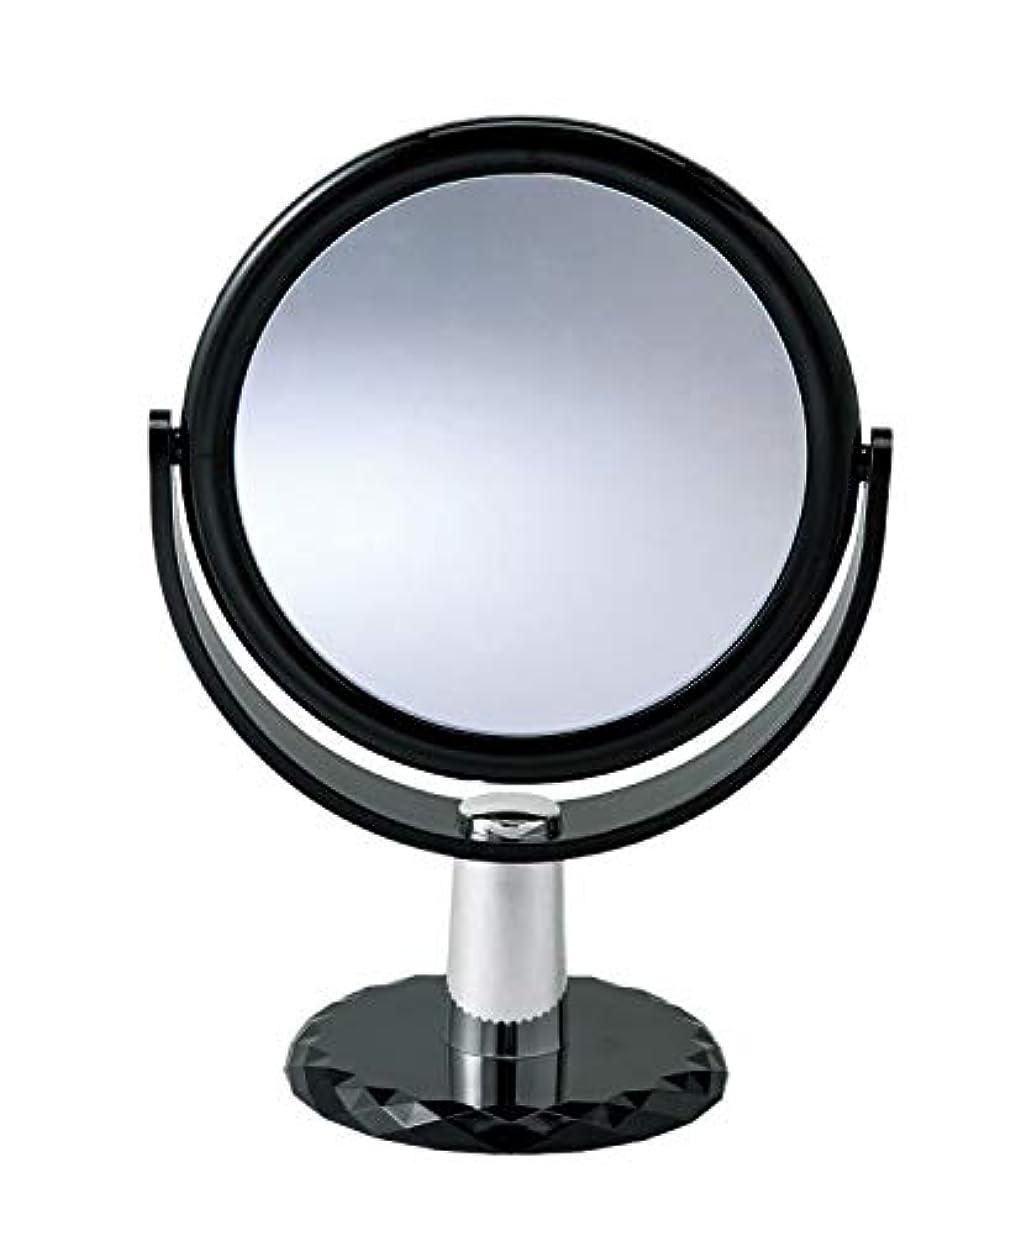 10倍拡大鏡付きの2面ミラー 卓上 スタンドミラー 化粧鏡 メイク 360度回転